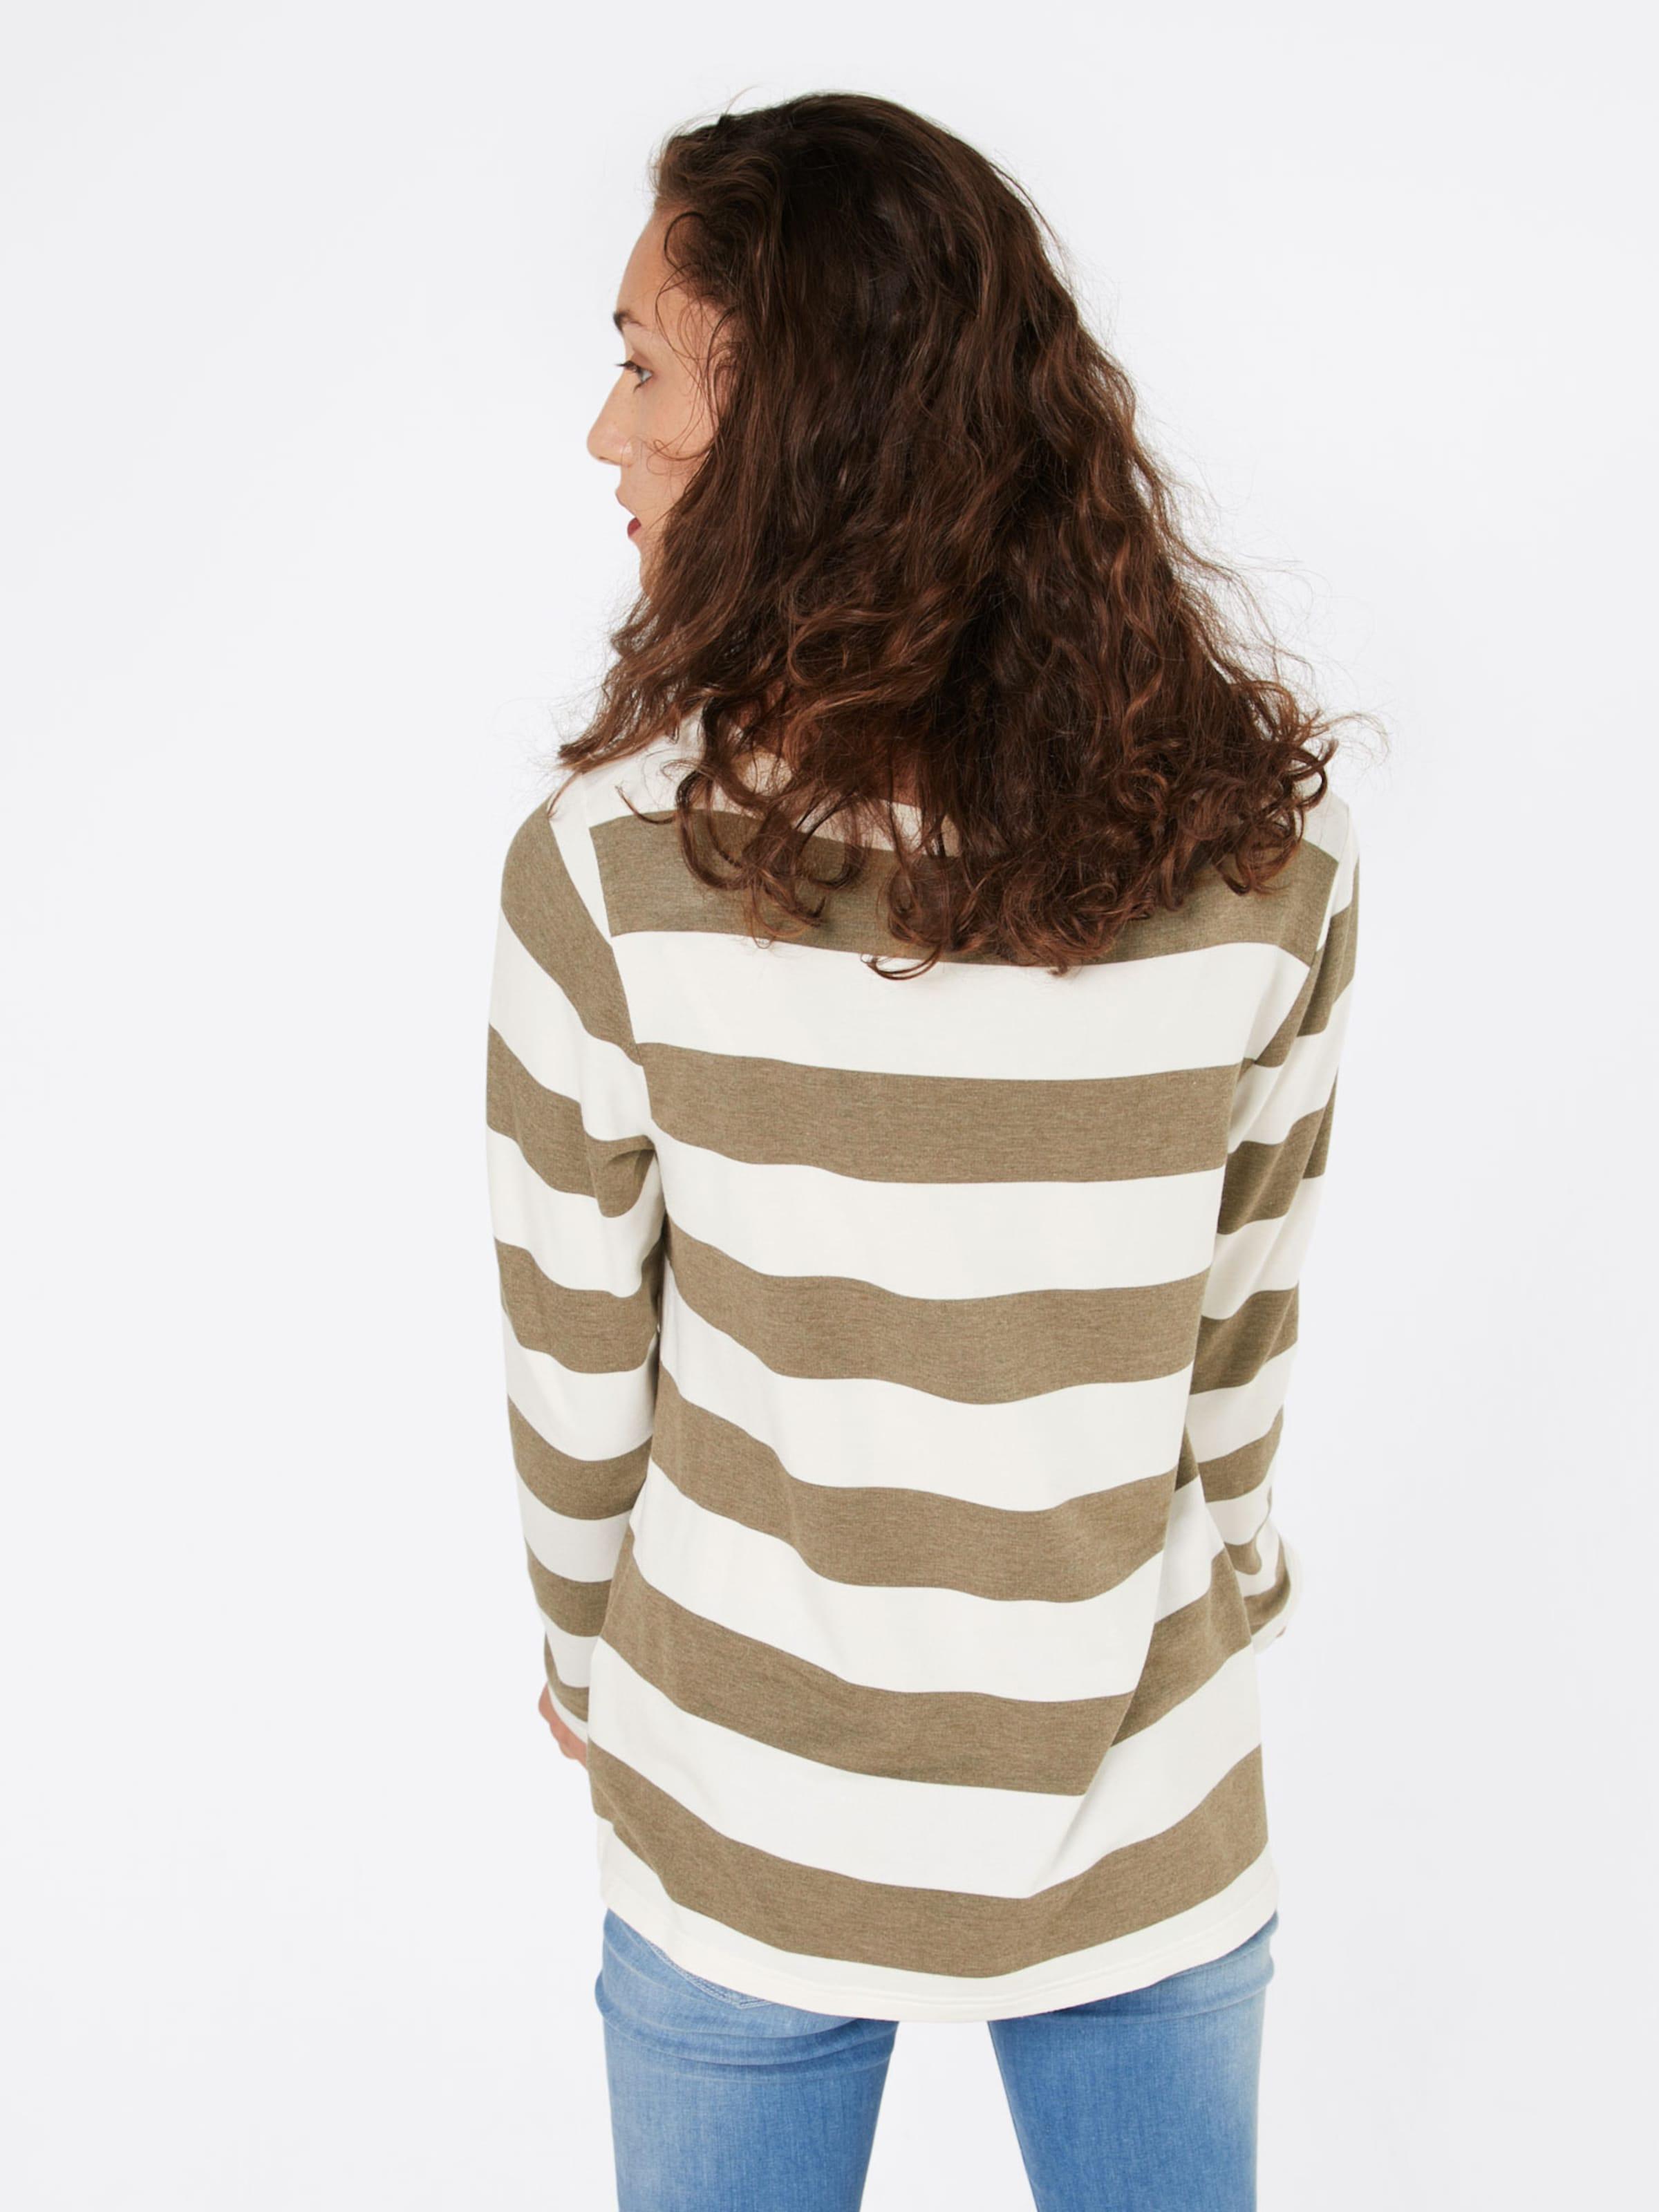 Günstig Kaufen Niedrigen Preis Versandkosten Für Rabatt Browse Juvia Sweatshirt 'Fleece VI/CMD Sweater Block Stripe +Print' ssGHVF04